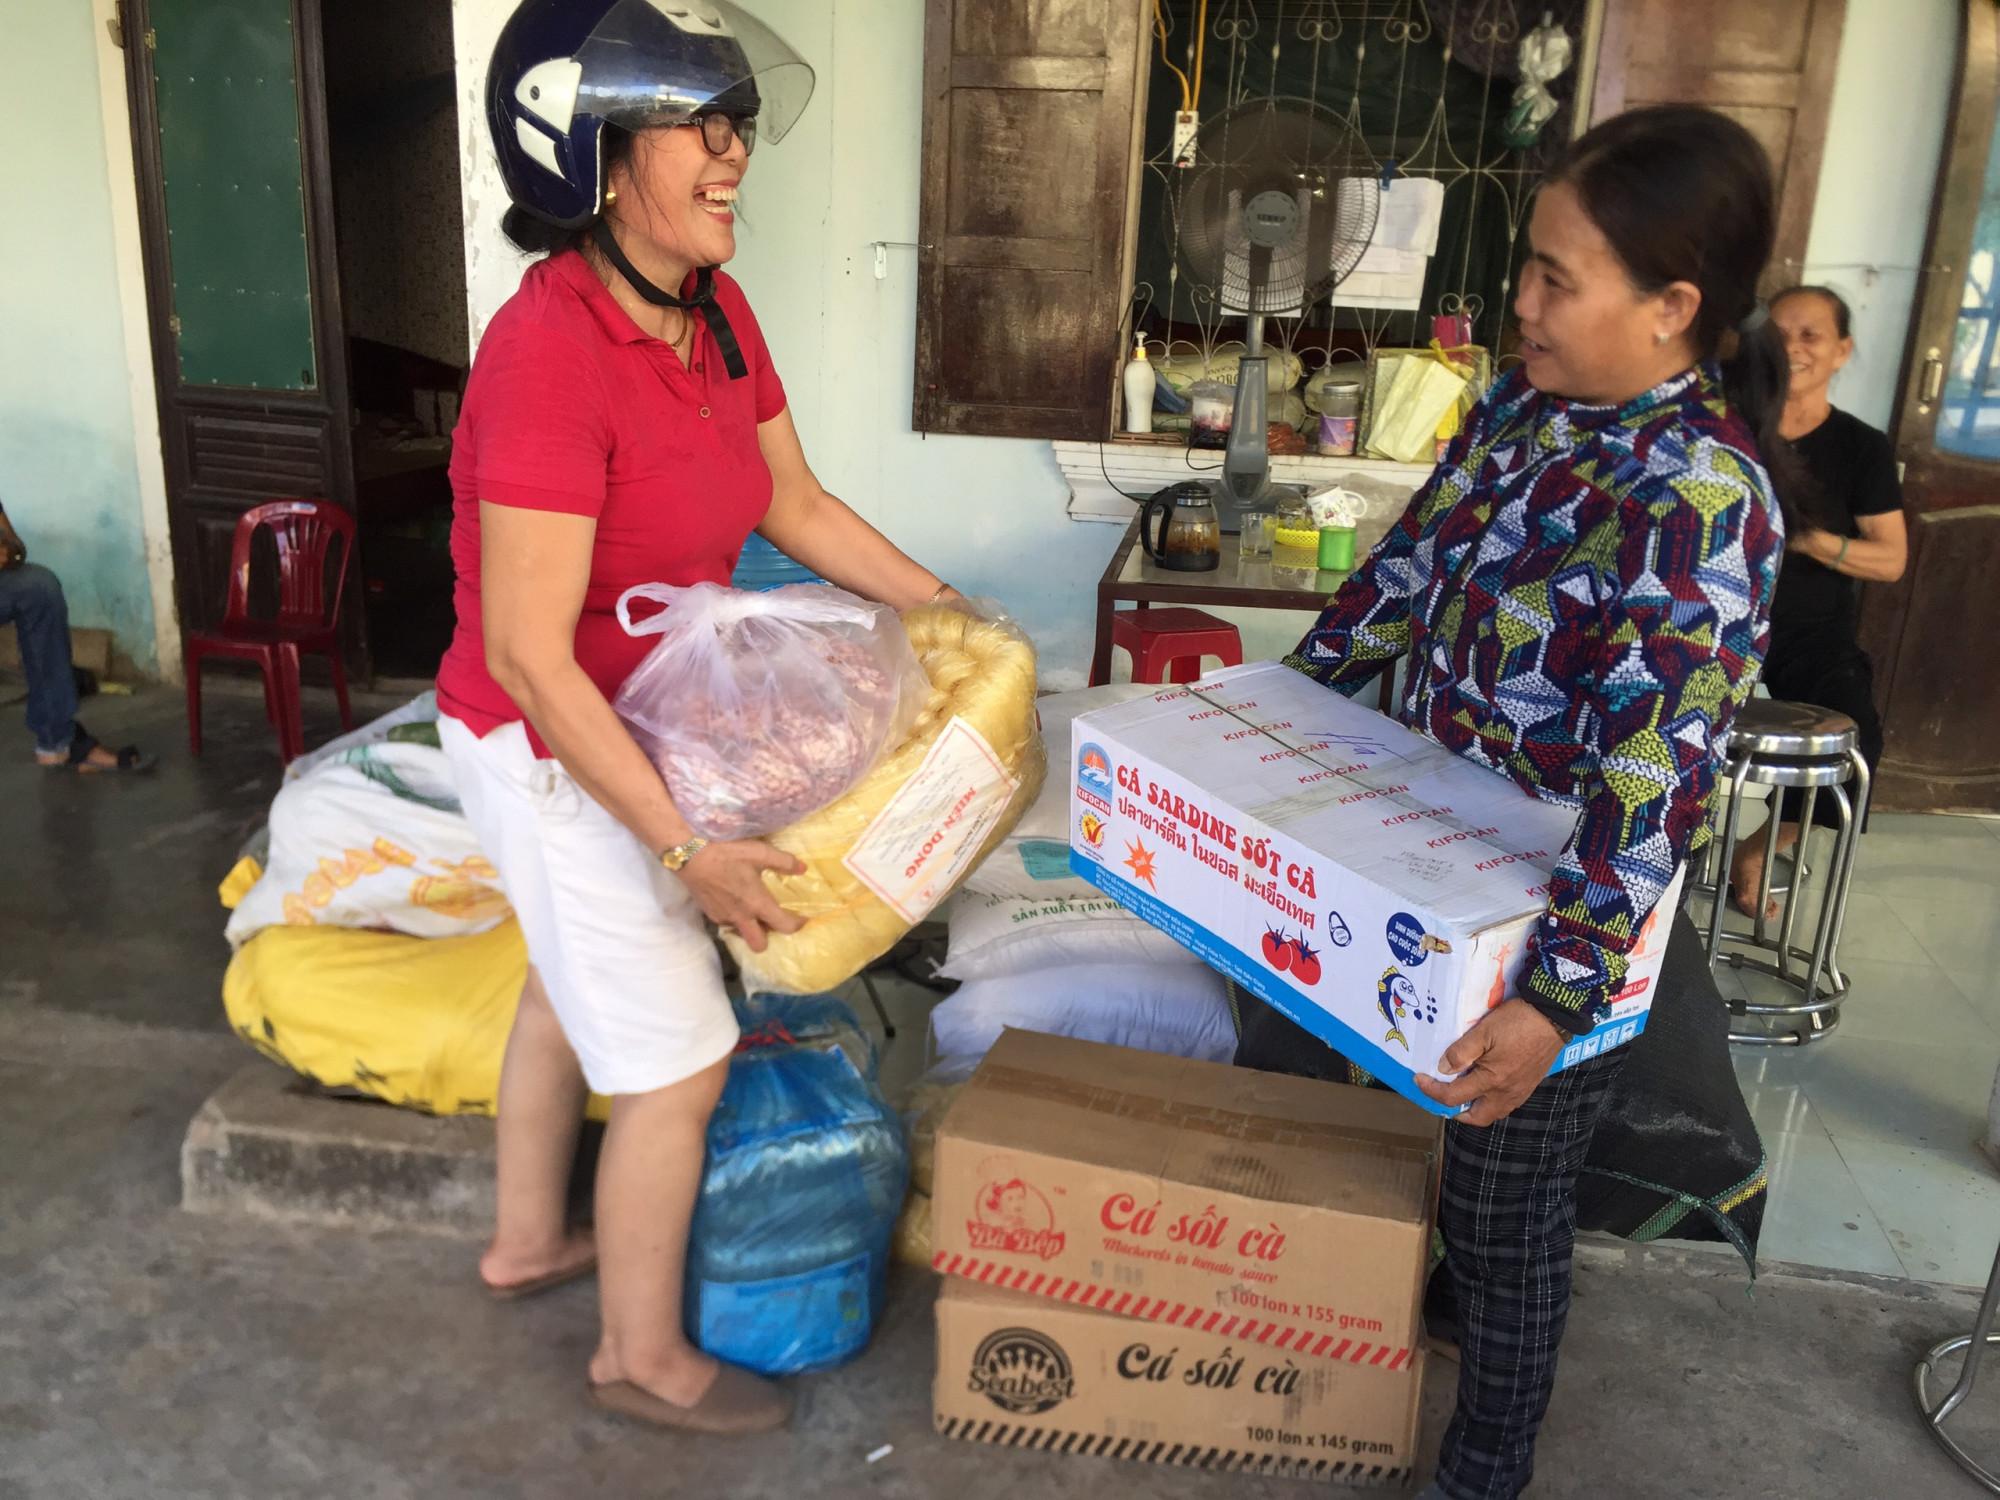 Phụ nữ là những người nhiệt tình và hăng hái nhất. Trong ảnh, P Đông Lương, TP Đông Hà, tỉnh Quảng Trị đang góp quà gửi cho TPHCM